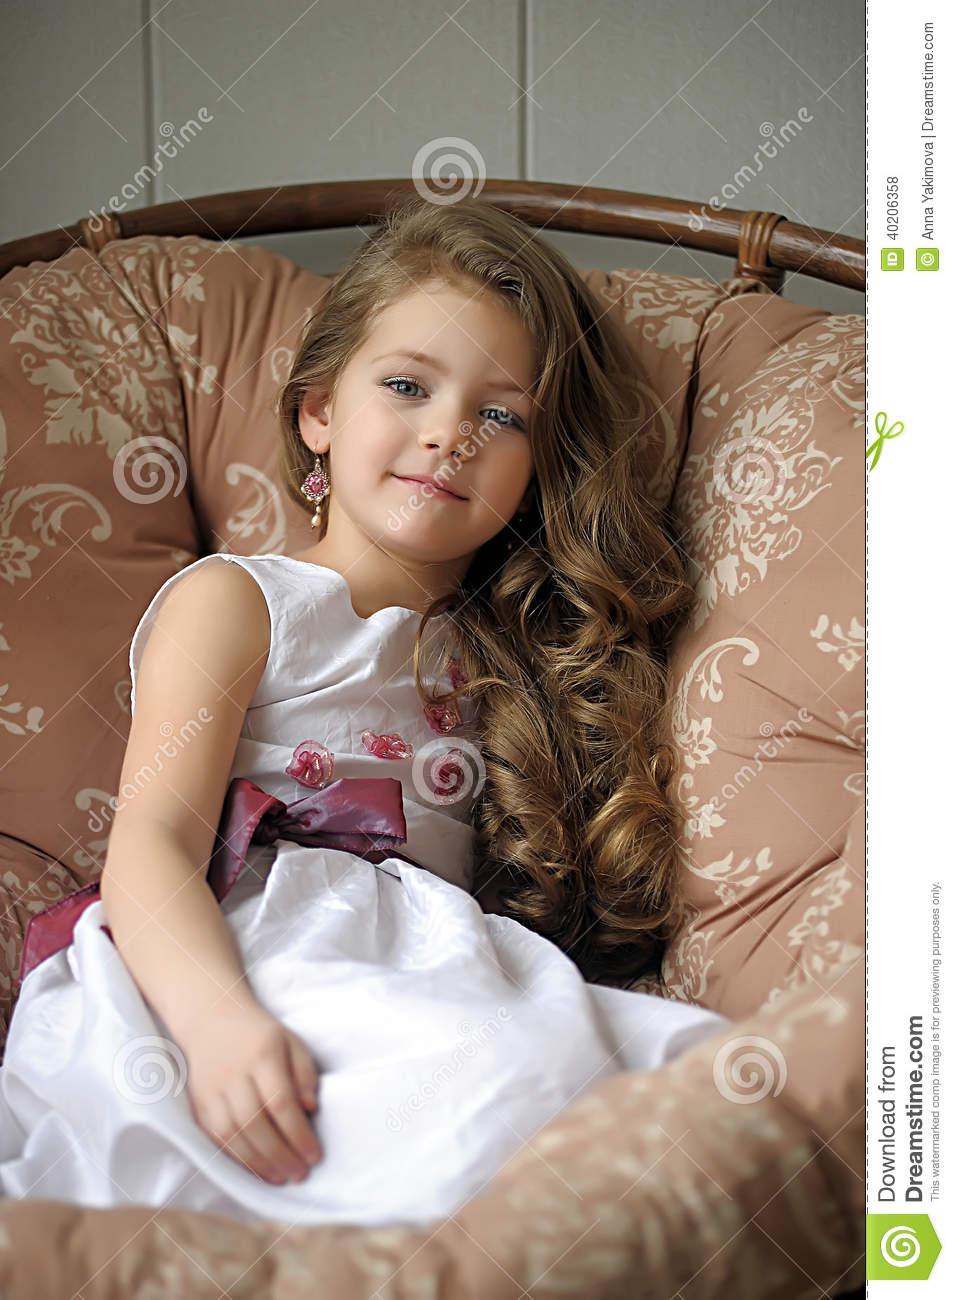 بالصور بنات صغار كيوت , احلى صور بنات صغار وكيوت 4061 11